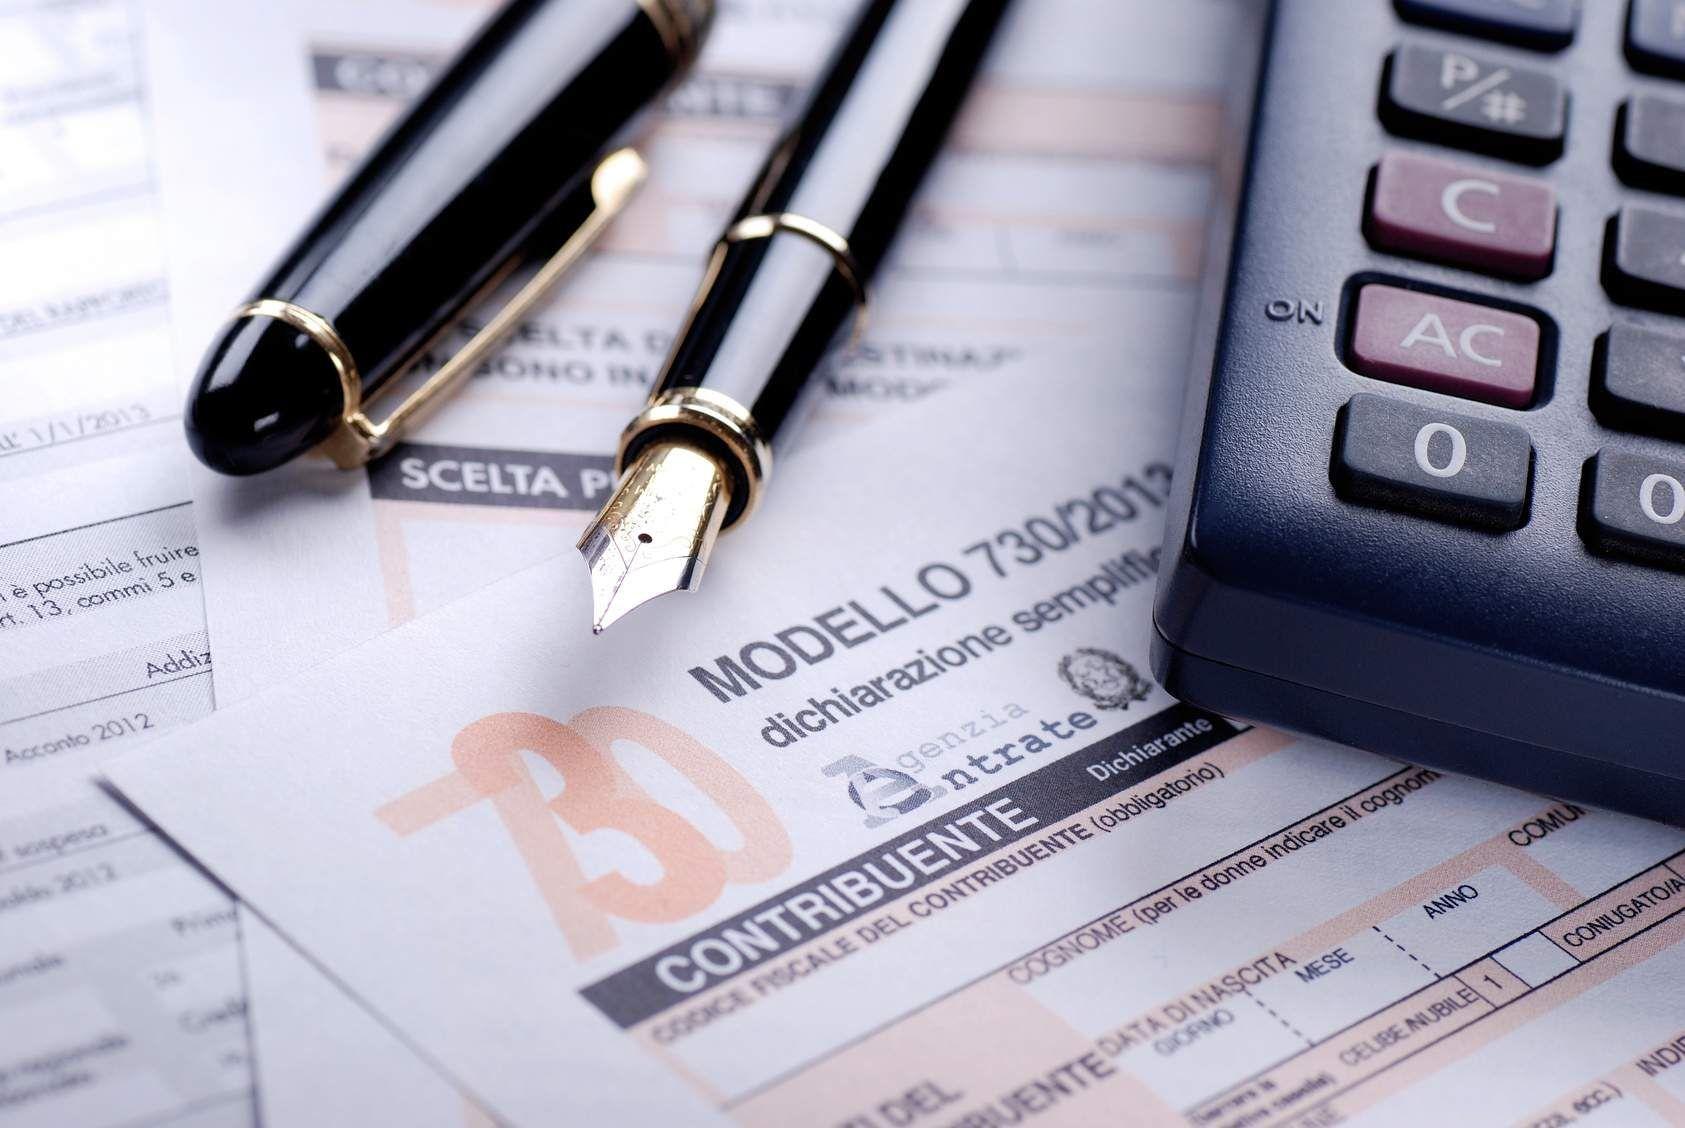 个税起征点5000元新个税税率表 含速算扣除数